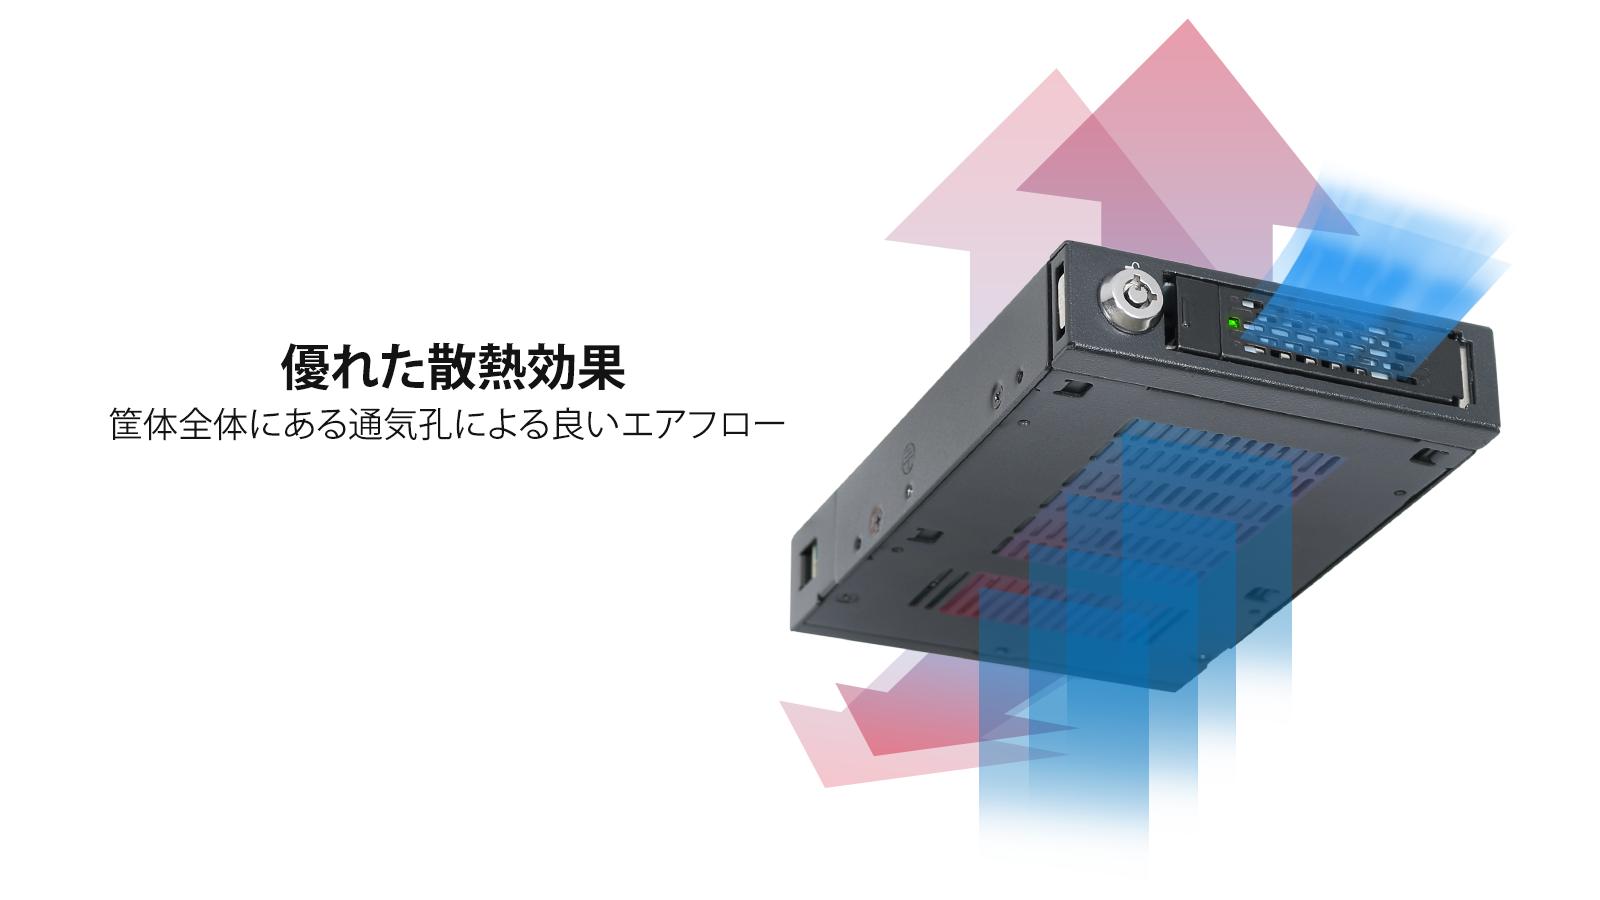 mb601vk-1b 効率的な冷却性能